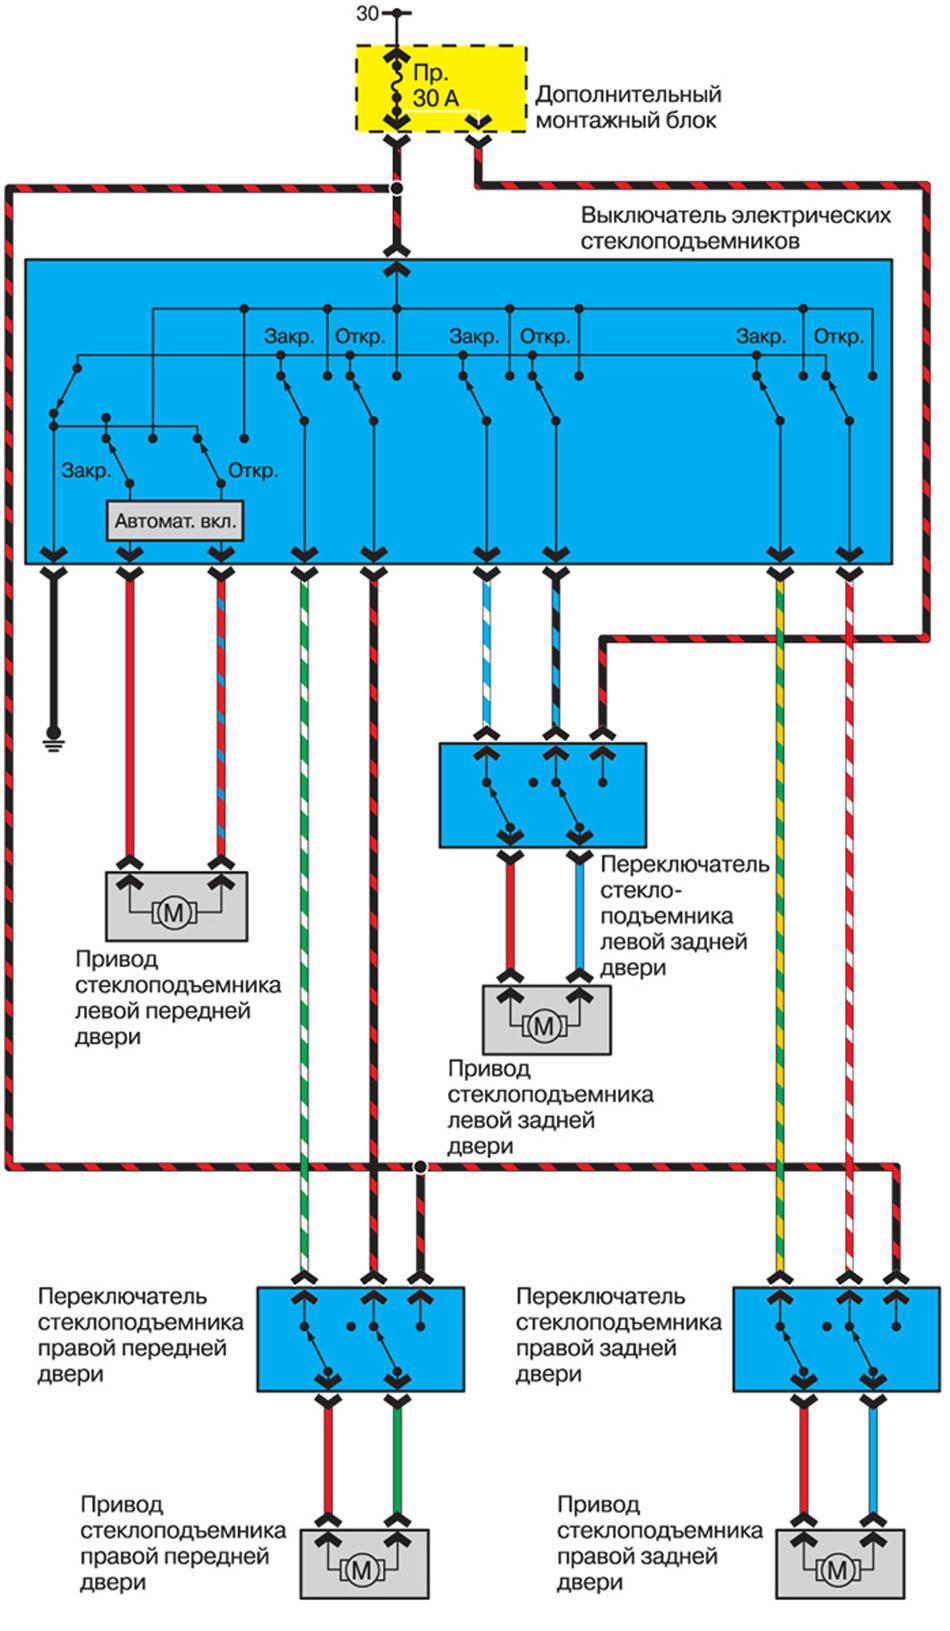 Схема на 6 кнопок стеклоподъемников